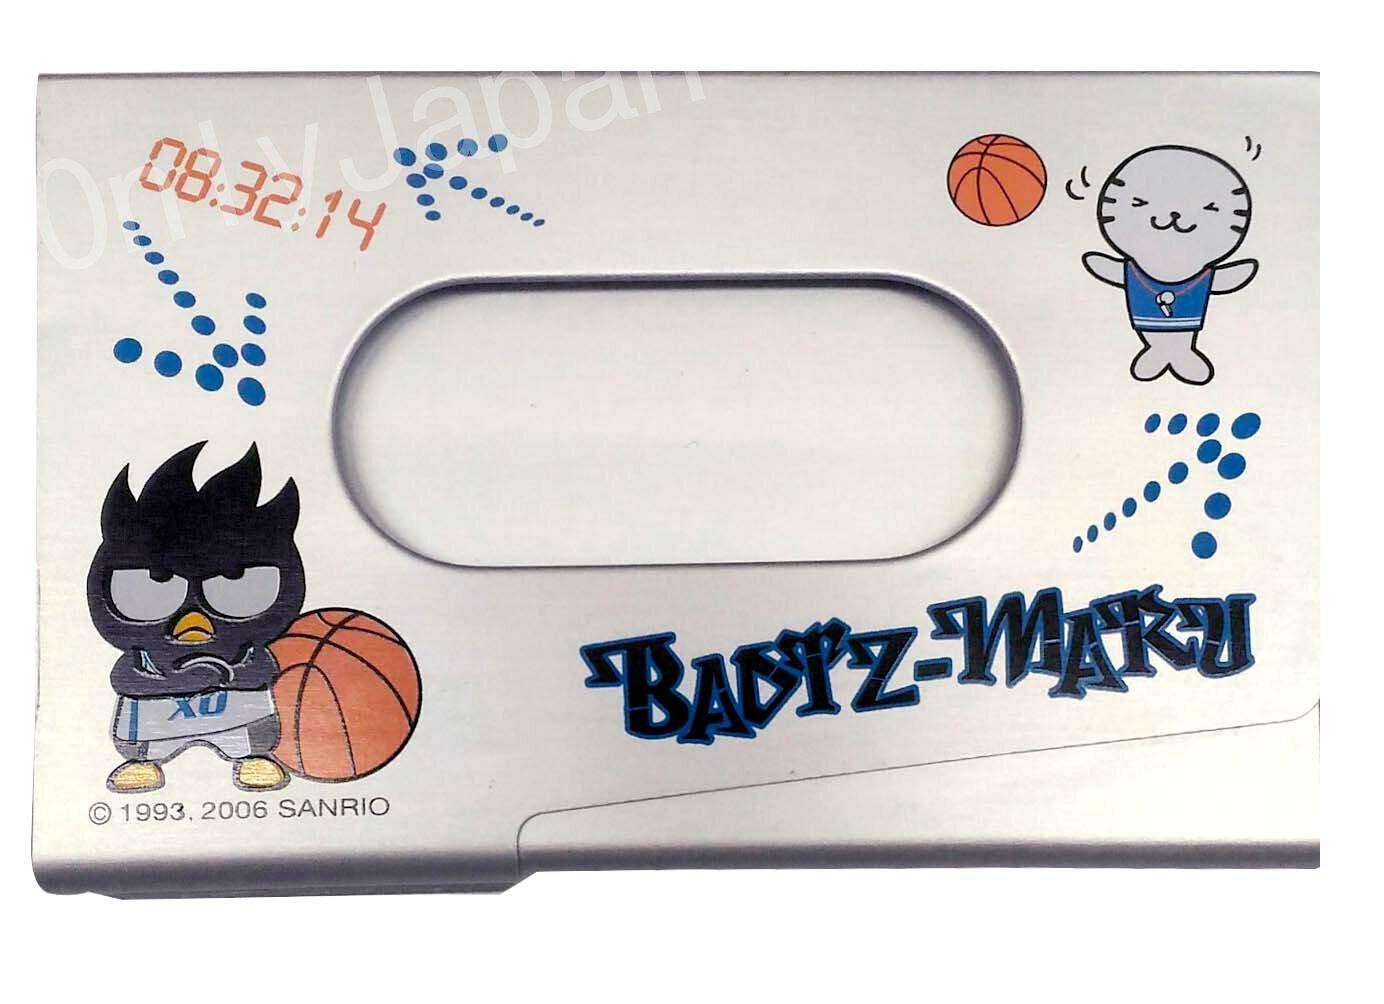 【真愛日本】12122300007 金屬名片盒-籃球 三麗鷗 酷企鵝 xo 名片盒 小物收納盒 辦公事務用品 日用品